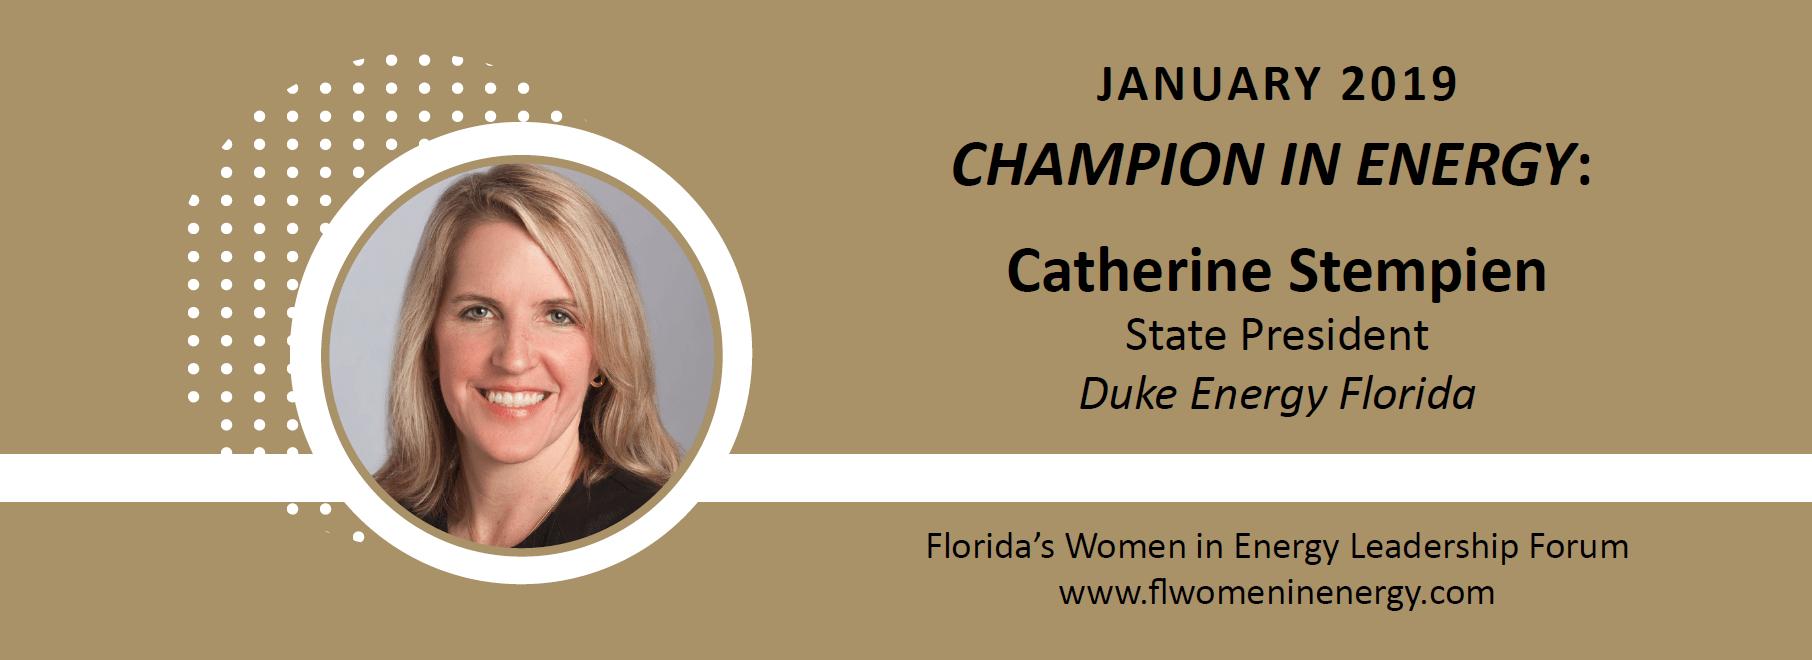 2019 FWELF Series Catherine Stempien Website Banner